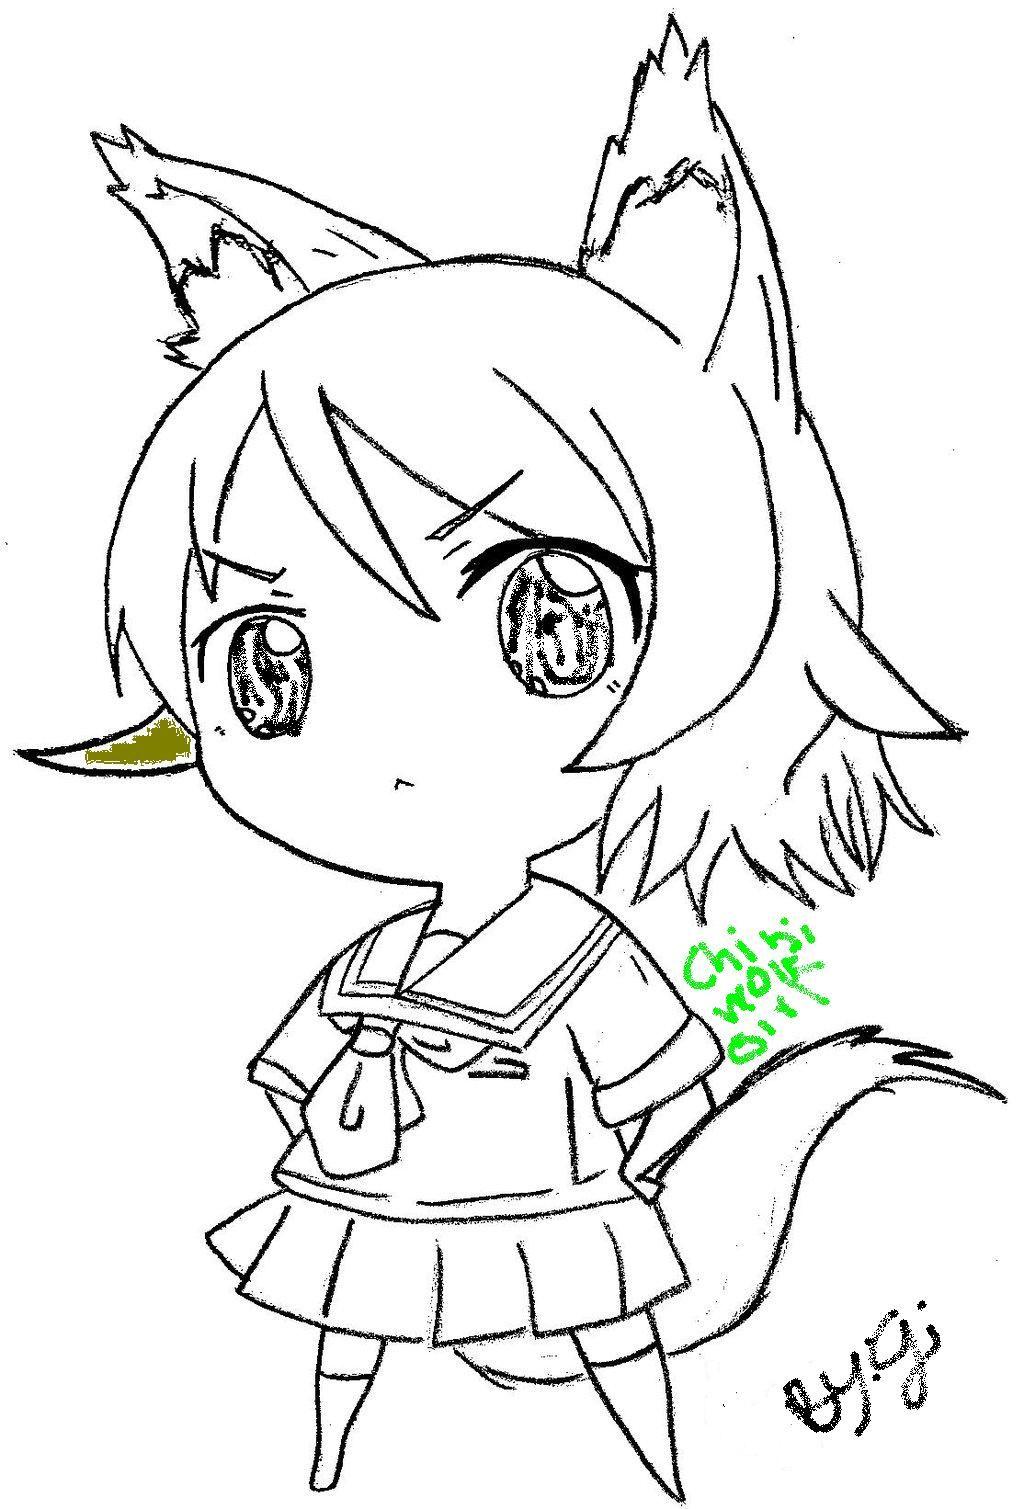 Chibi Wolf Girl Drawing  Ipod123410 © 2016  Jun 19, 2012